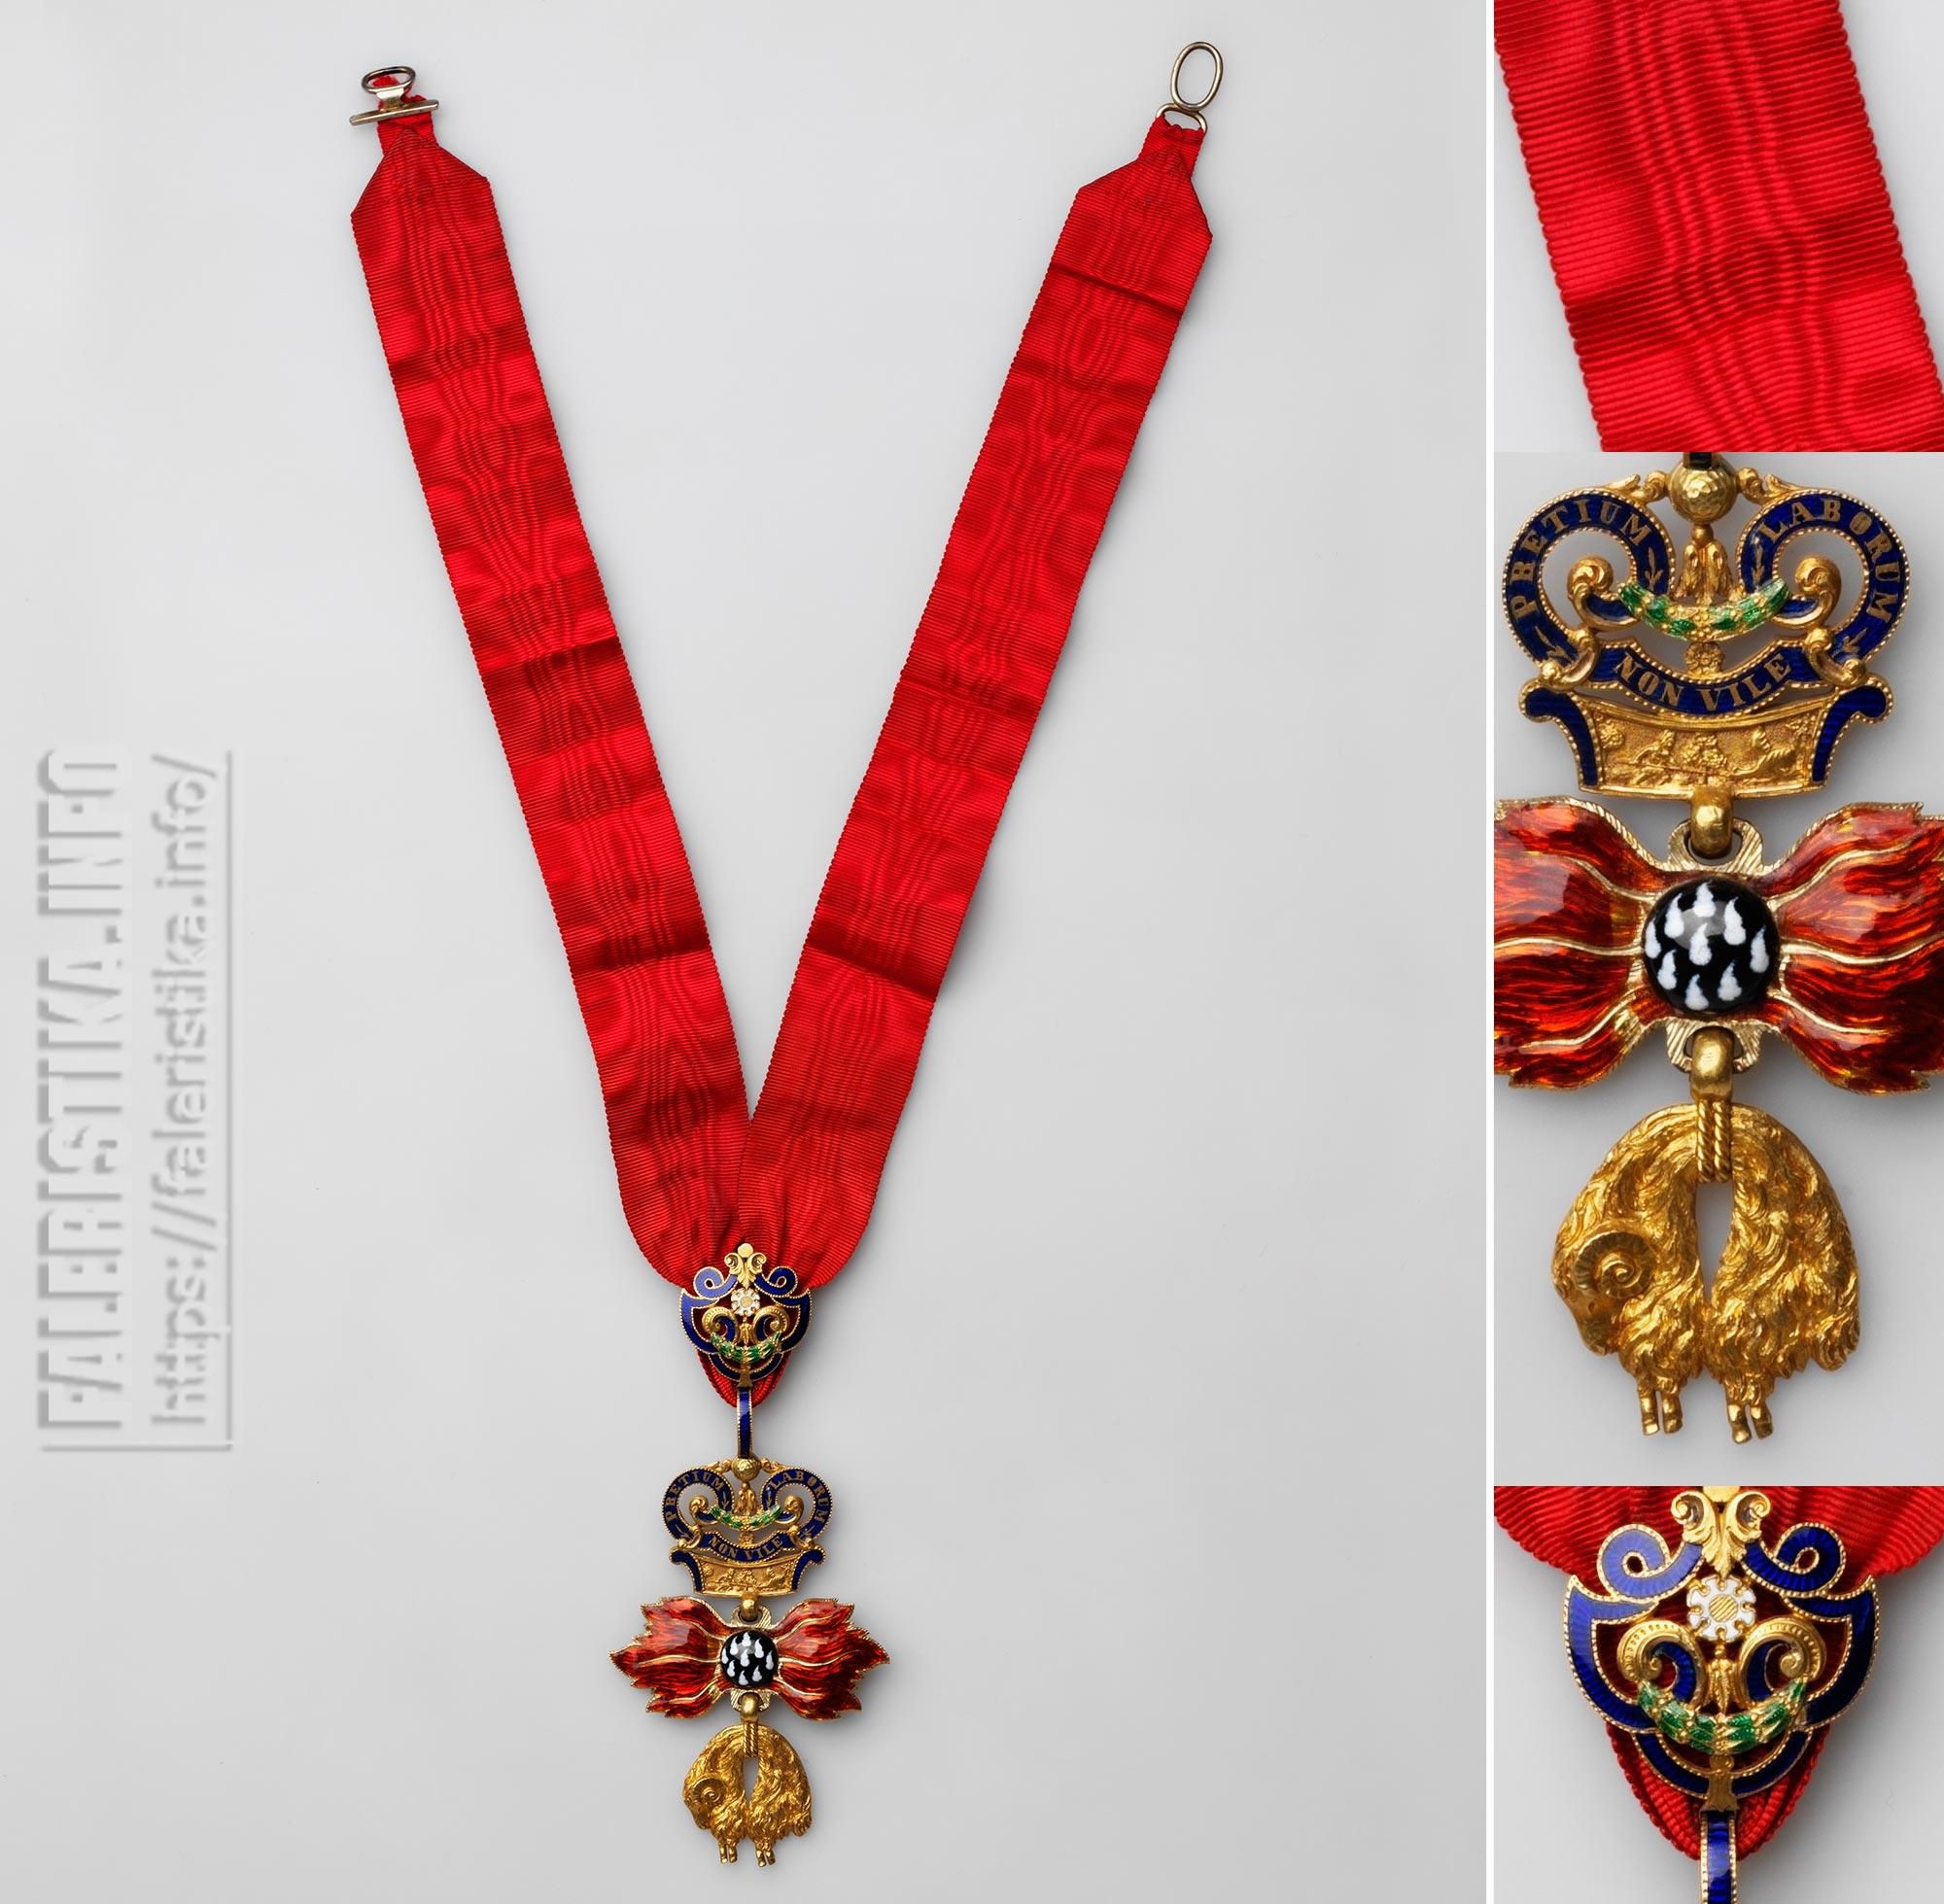 Орден Золотого Руна (нем. Orden vom Goldenen Vlies). Знак ордена на шейной ленте. Австрийская империя. Вена, 1820—1840-е гг. Золото, серебро (застёжка ленты), муар; штамп, эмаль, гильошировка, ткачество, монтировка. Знак – 8,9х5,2; брошь-зажим – 2,7х2,4; лента – 47х2,6. Коллекция А.Л. Хазина